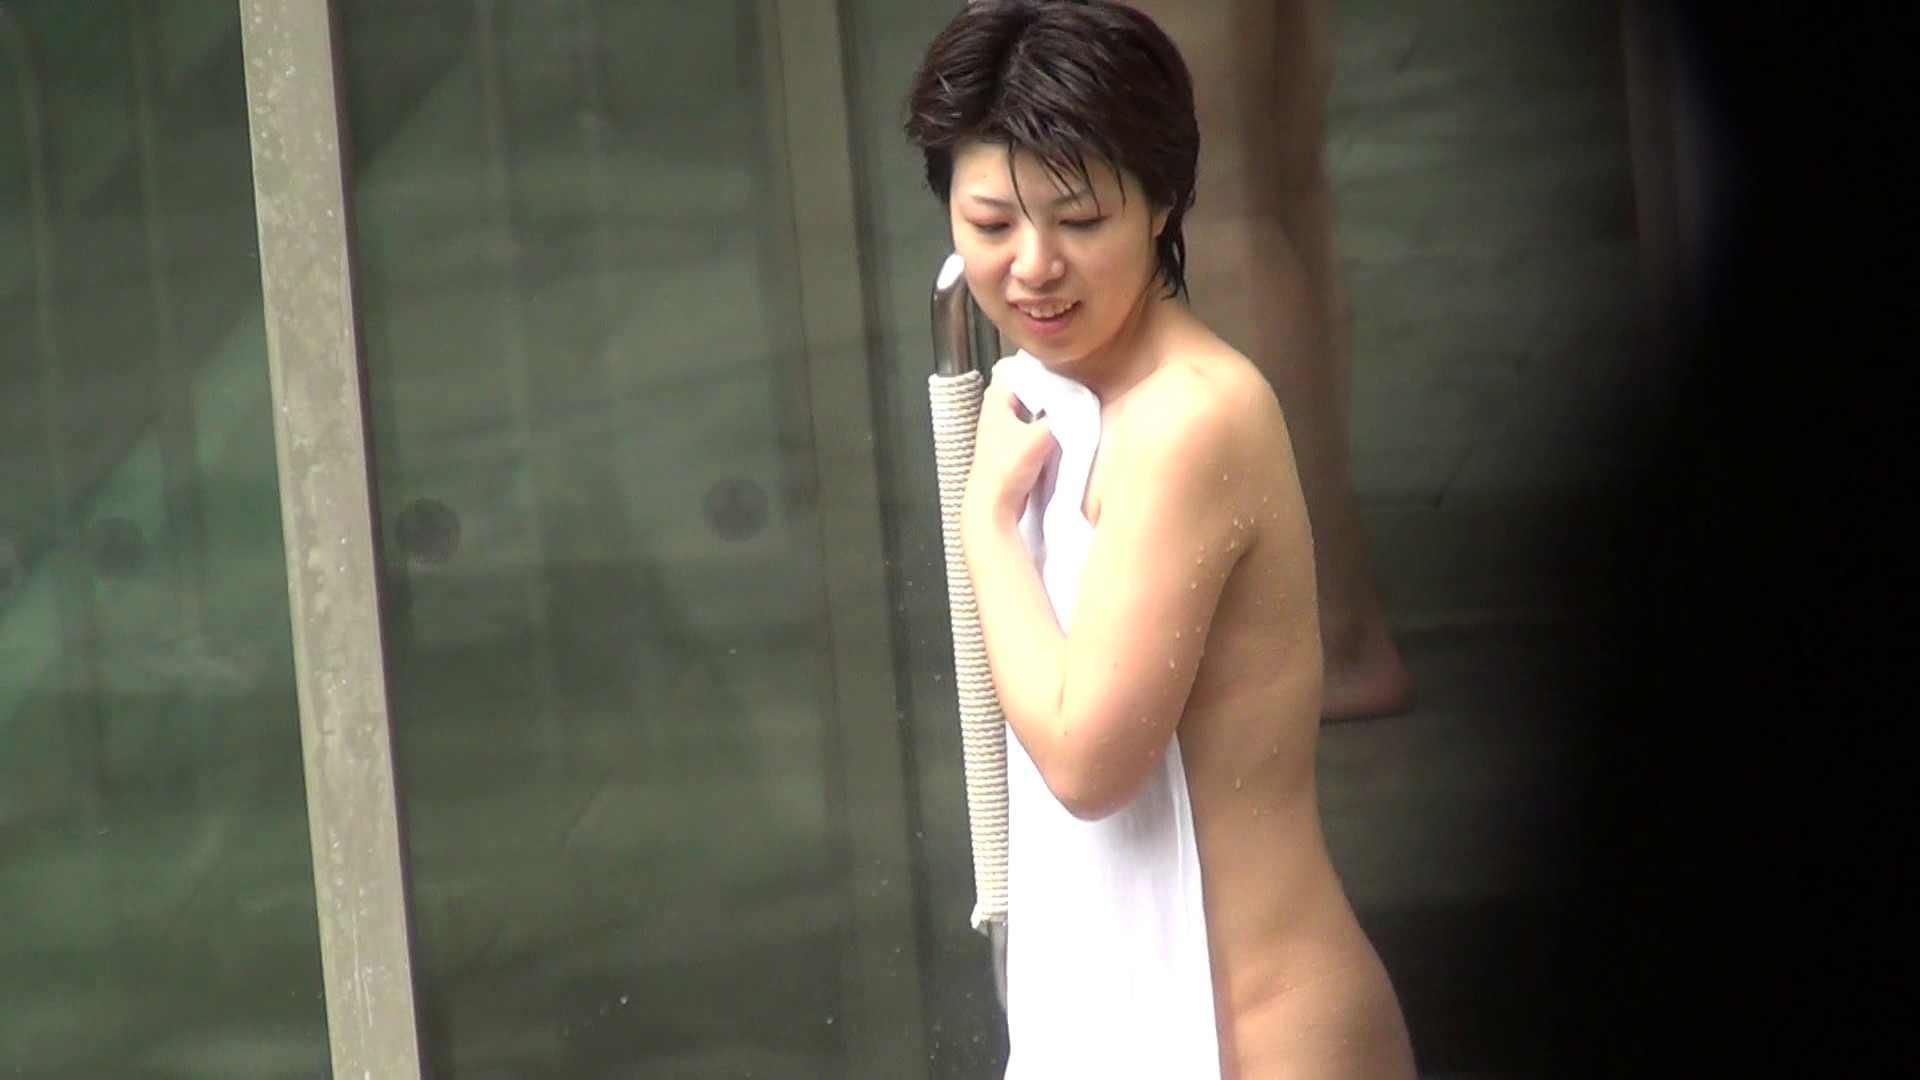 Aquaな露天風呂Vol.312 盗撮大放出 おめこ無修正動画無料 71連発 43